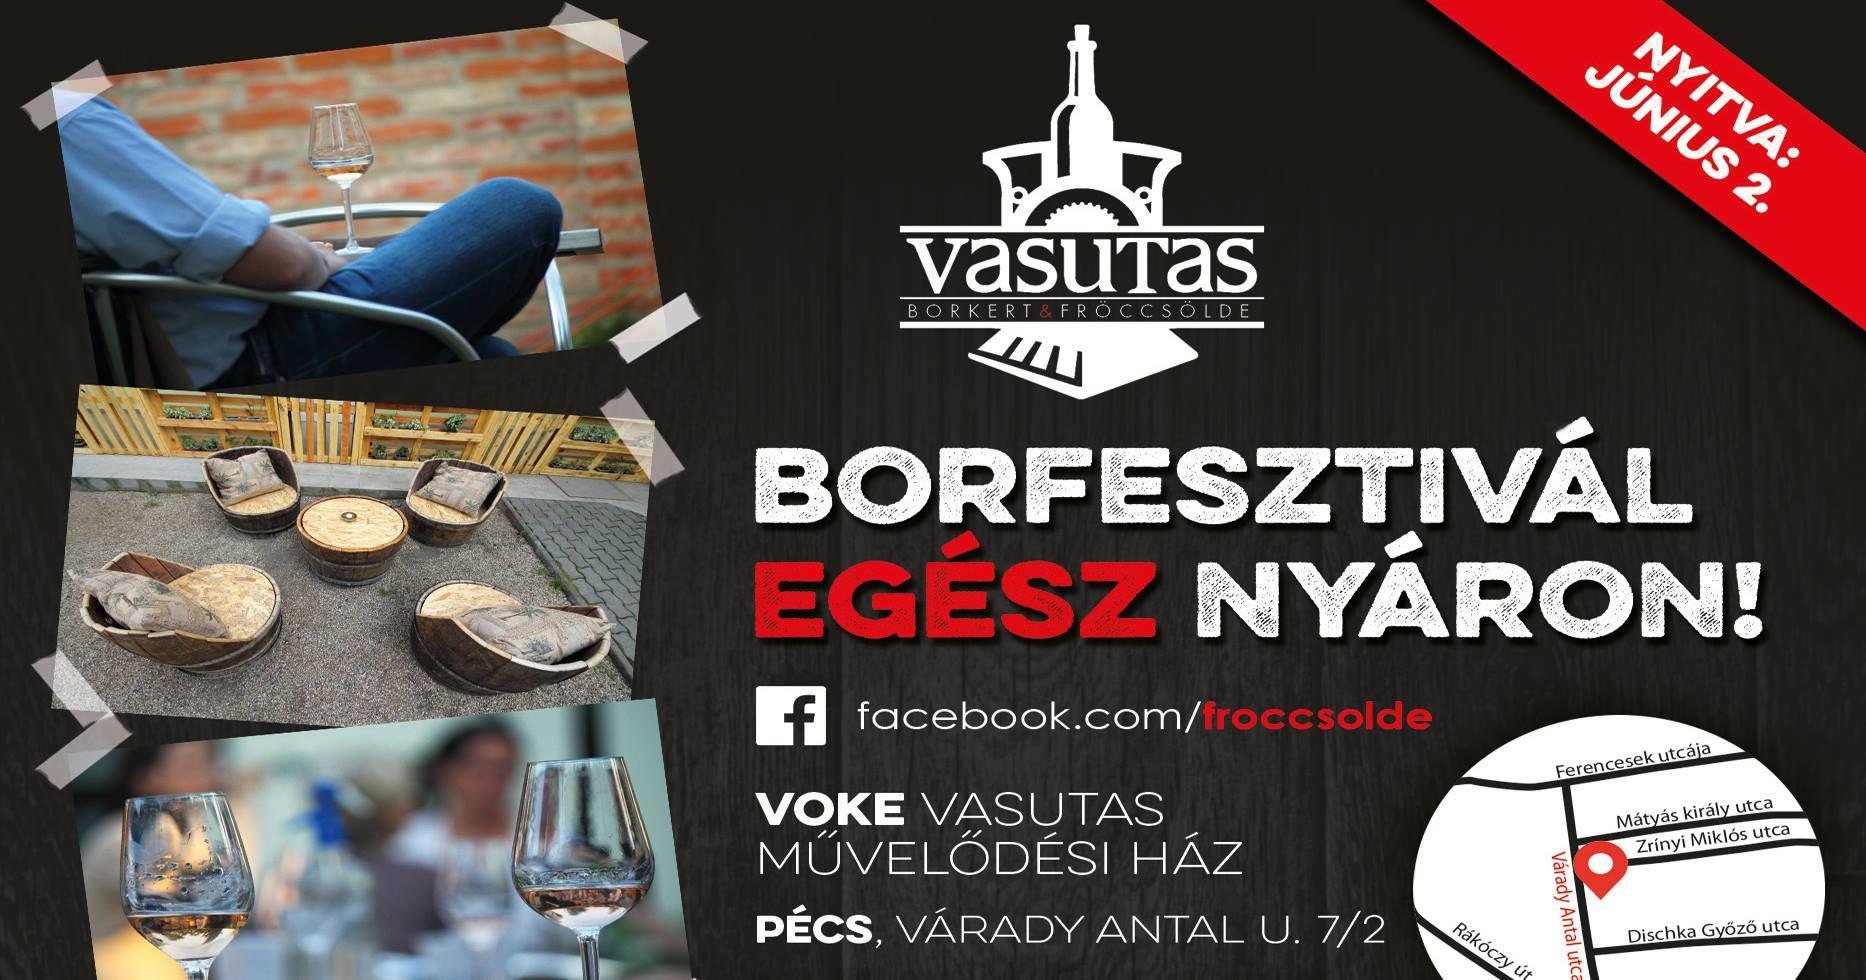 Vasutas Borkert és Fröcsölde